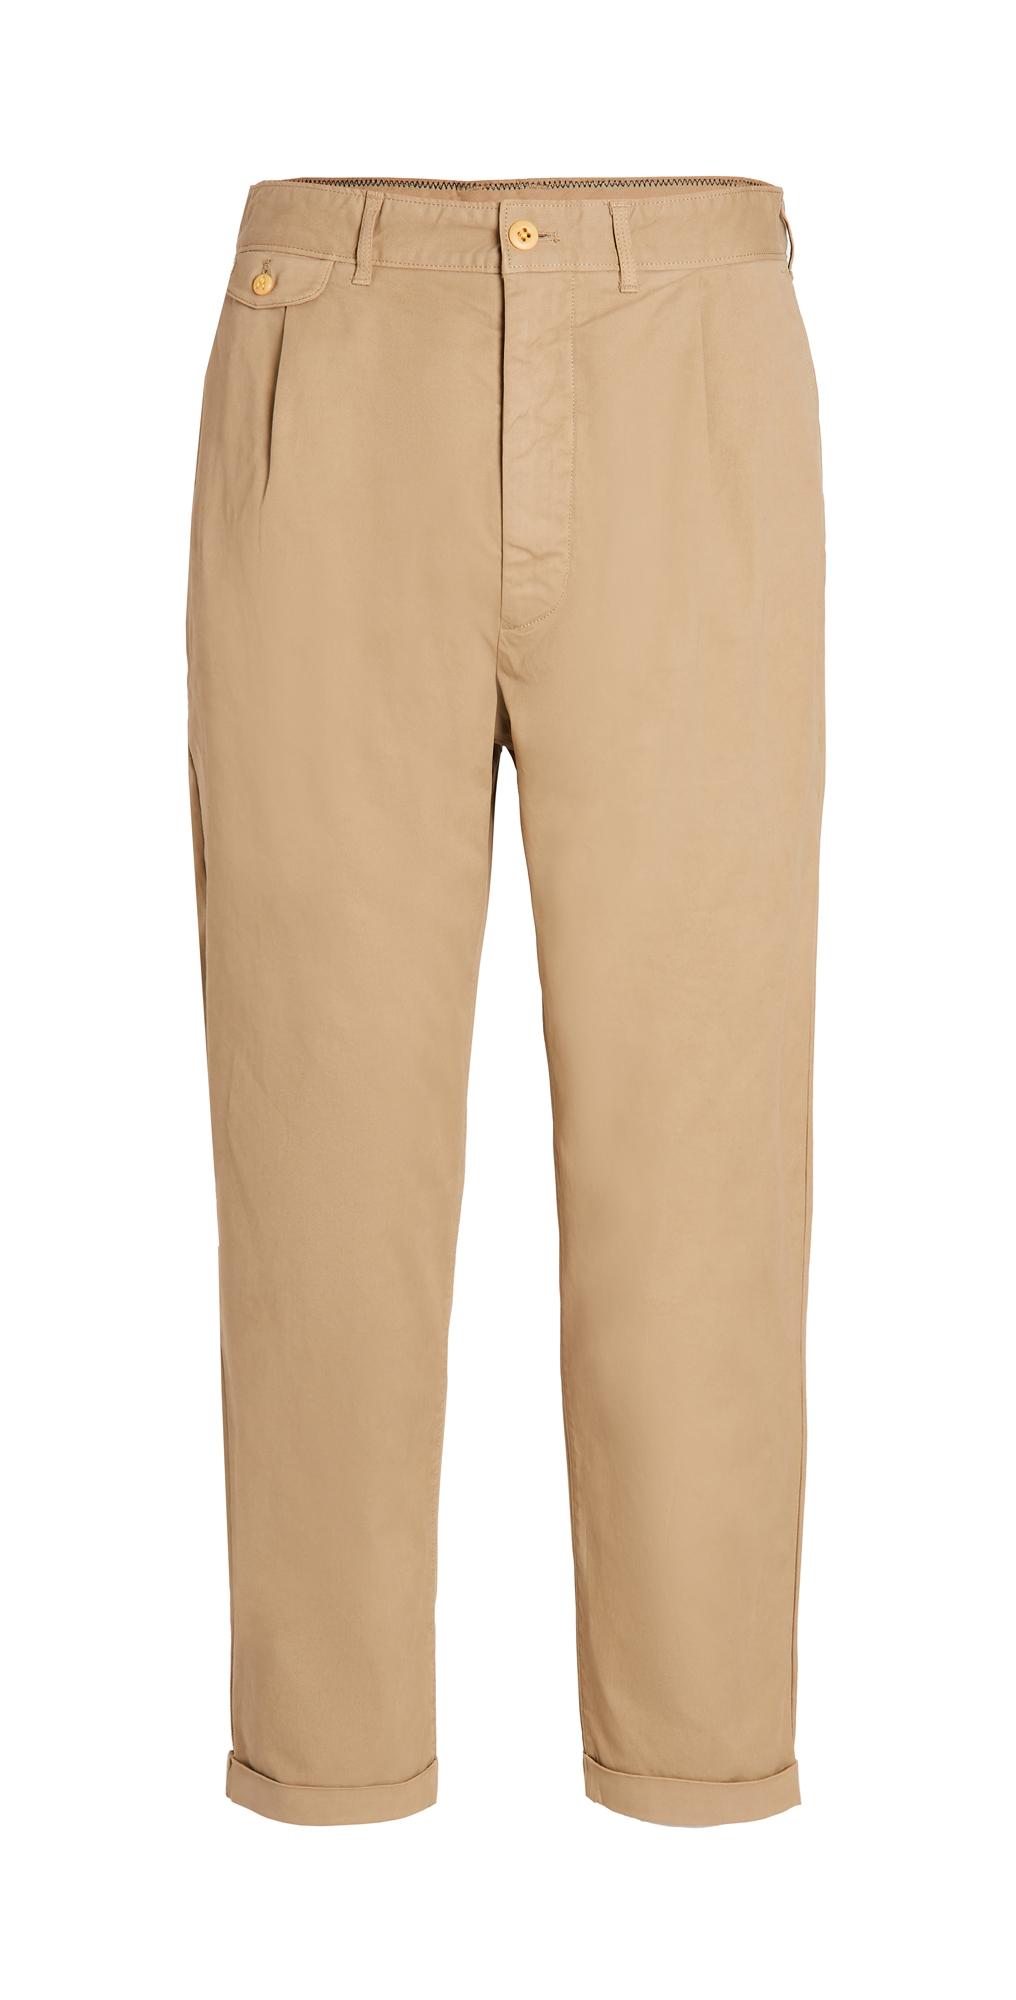 Standard Pleated Pants